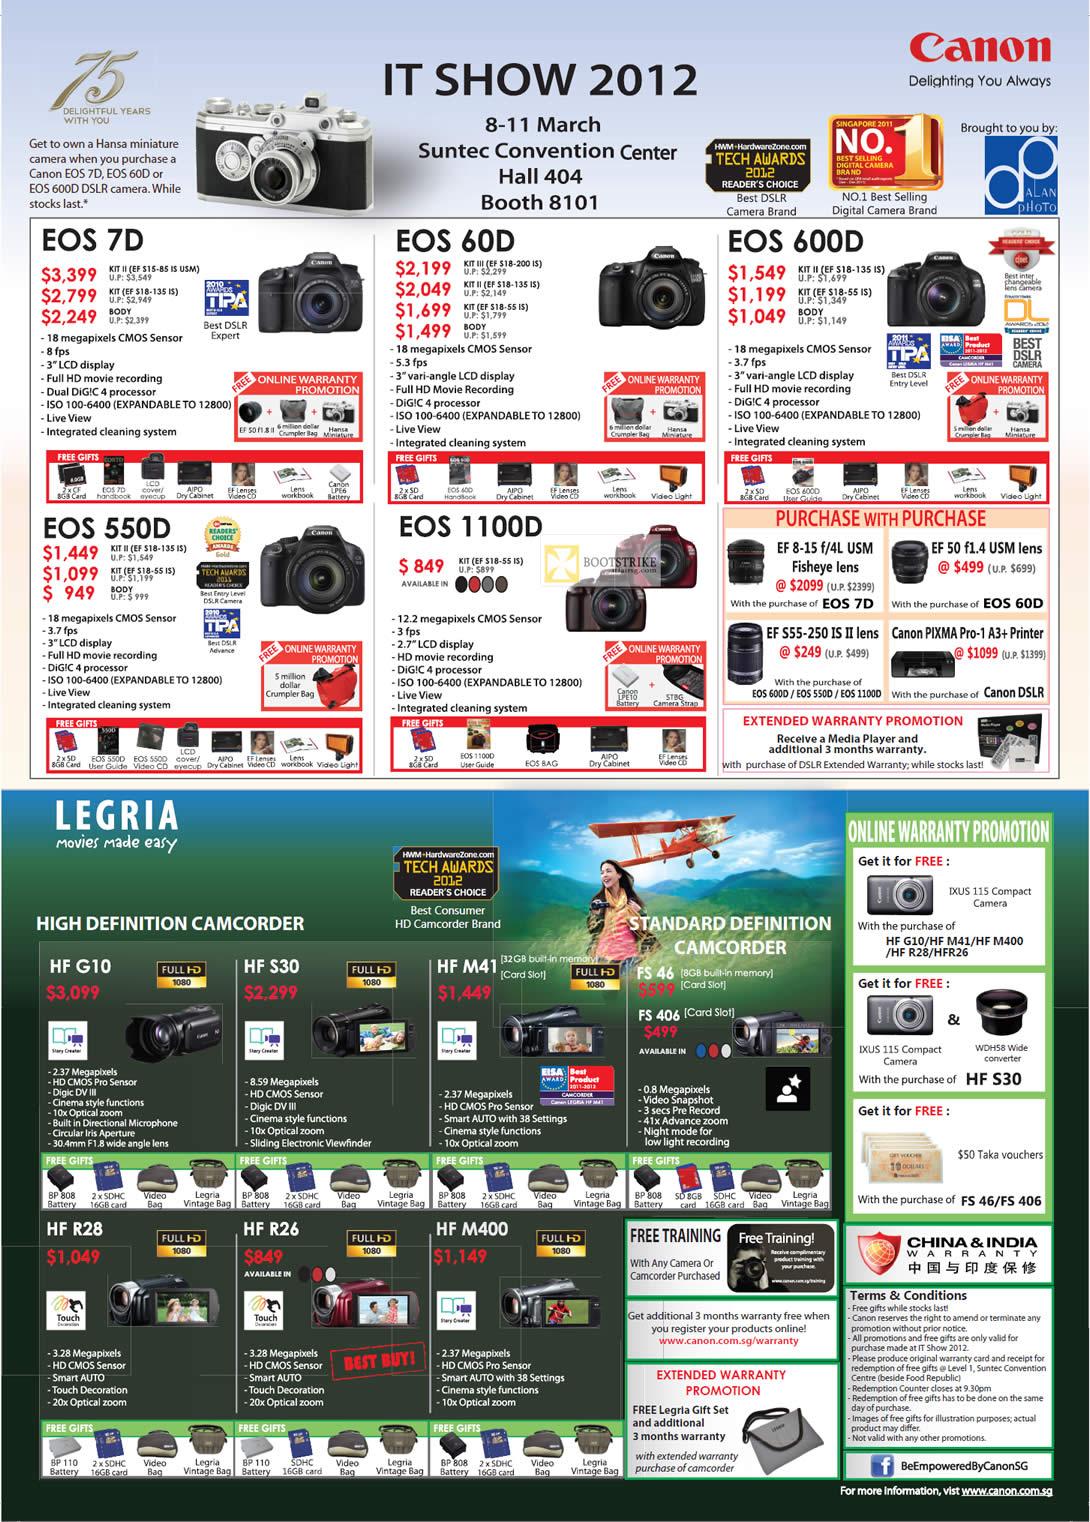 Canon Digital Cameras DSLR EOS 7D, EOS 60D, EOS 600D, EOS